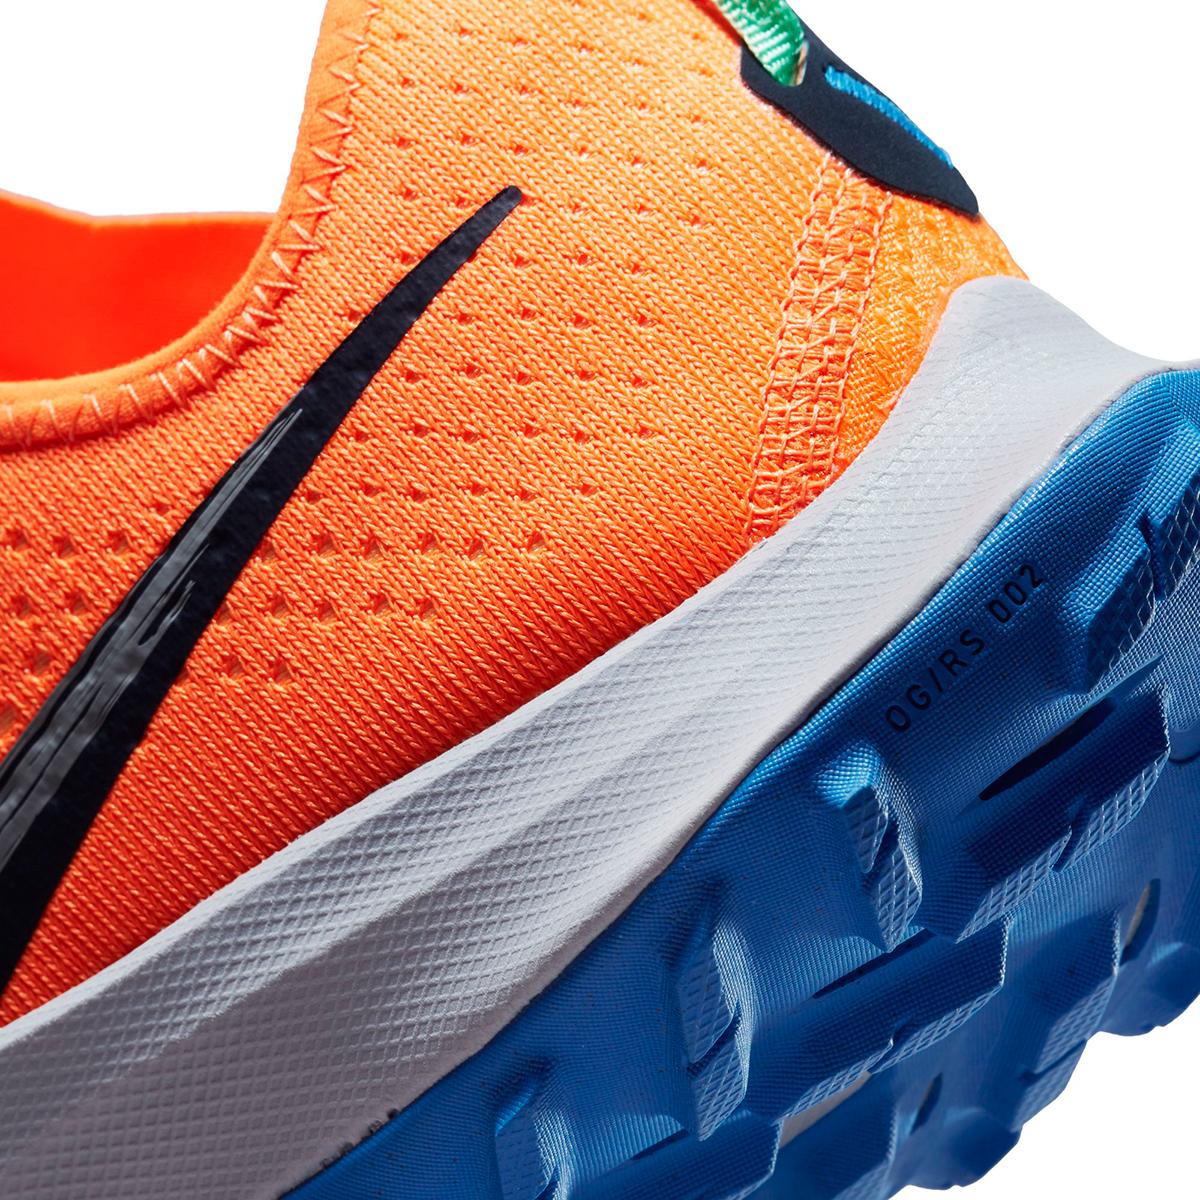 Men's Nike Air Zoom Terra Kiger 7 Trail Running Shoe - Color: Total Orange/Obsidian/Signal Blue - Size: 6 - Width: Regular, Total Orange/Obsidian/Signal Blue, large, image 5